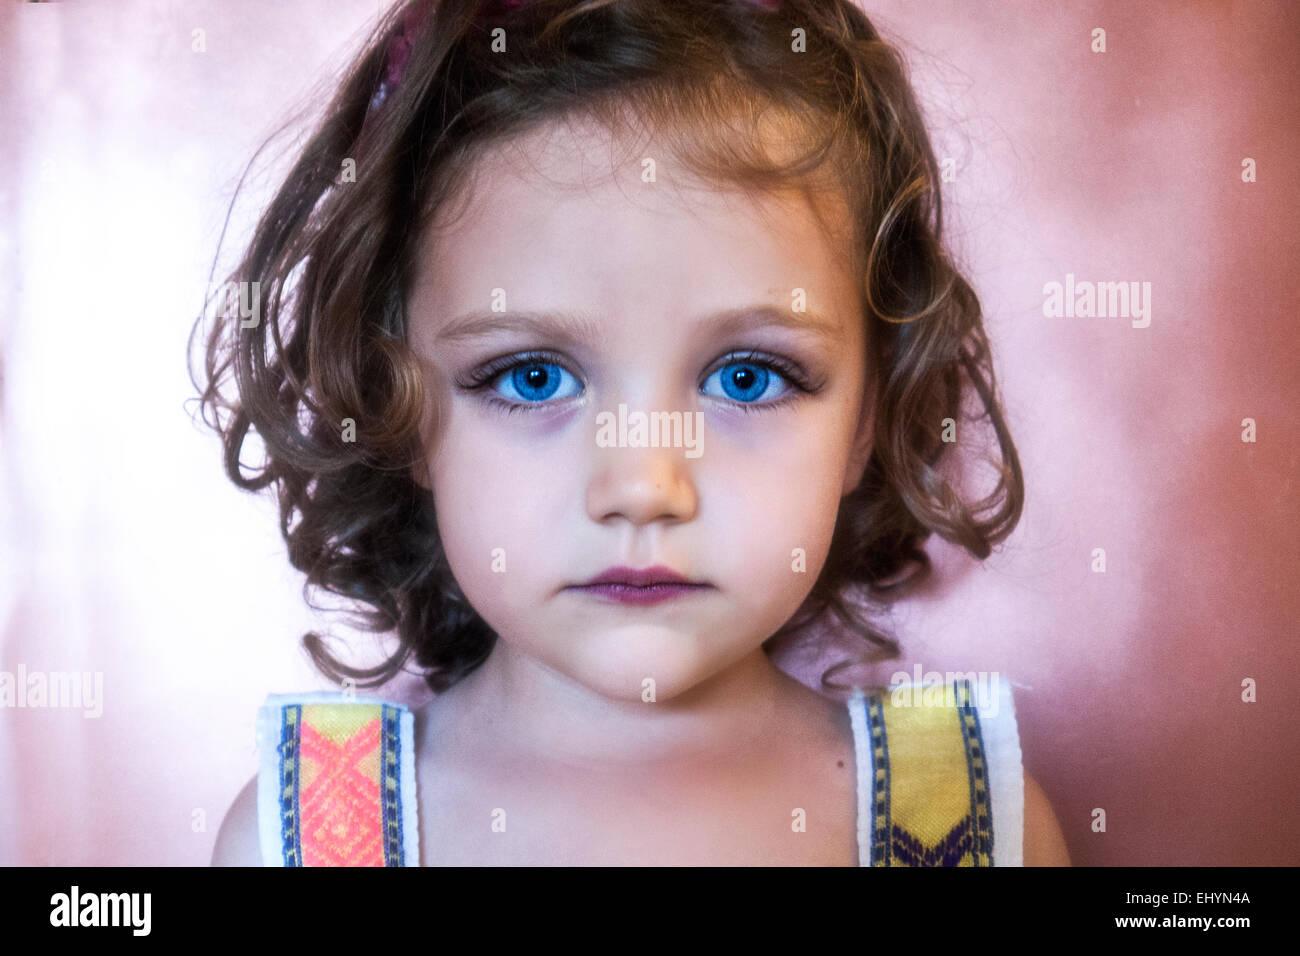 Ritratto di una ragazza con gli occhi blu Immagini Stock